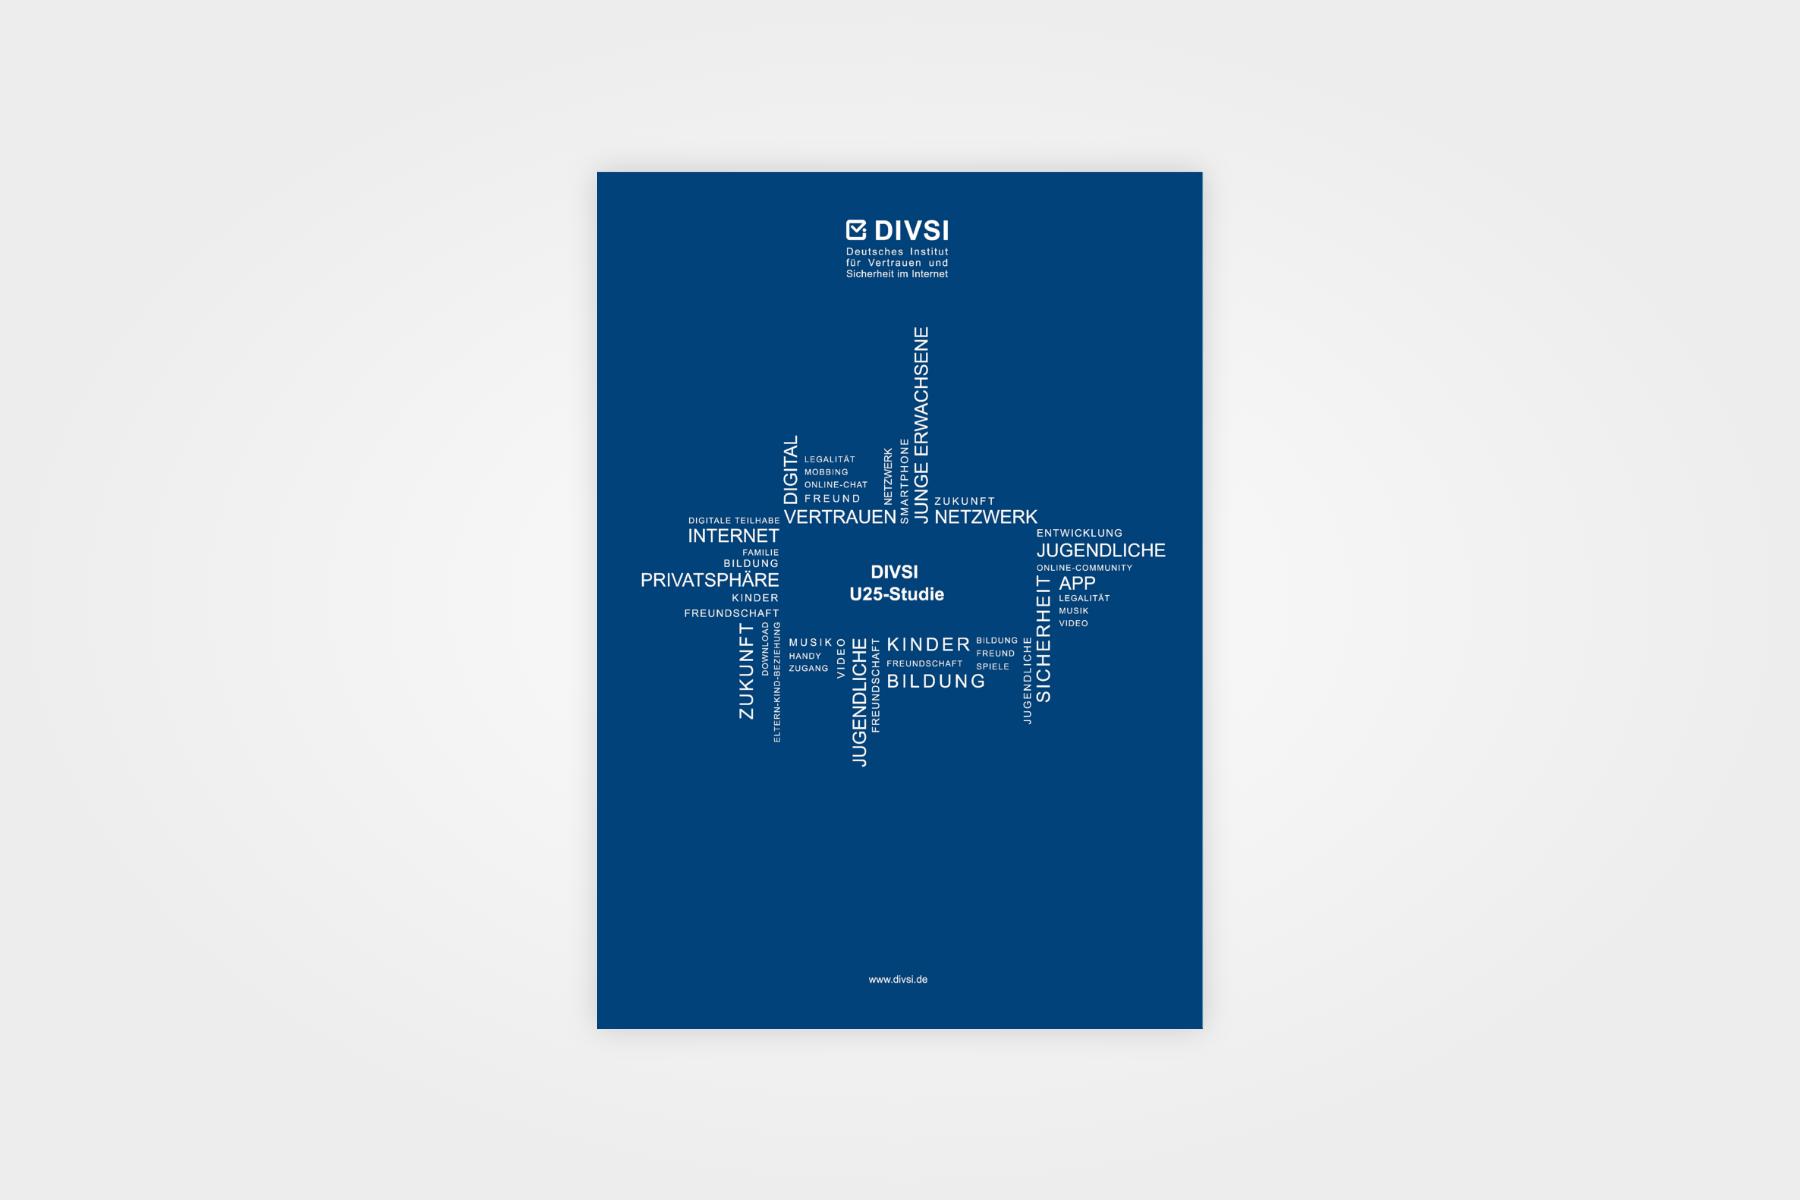 DIVSI U25-Studie (2014)